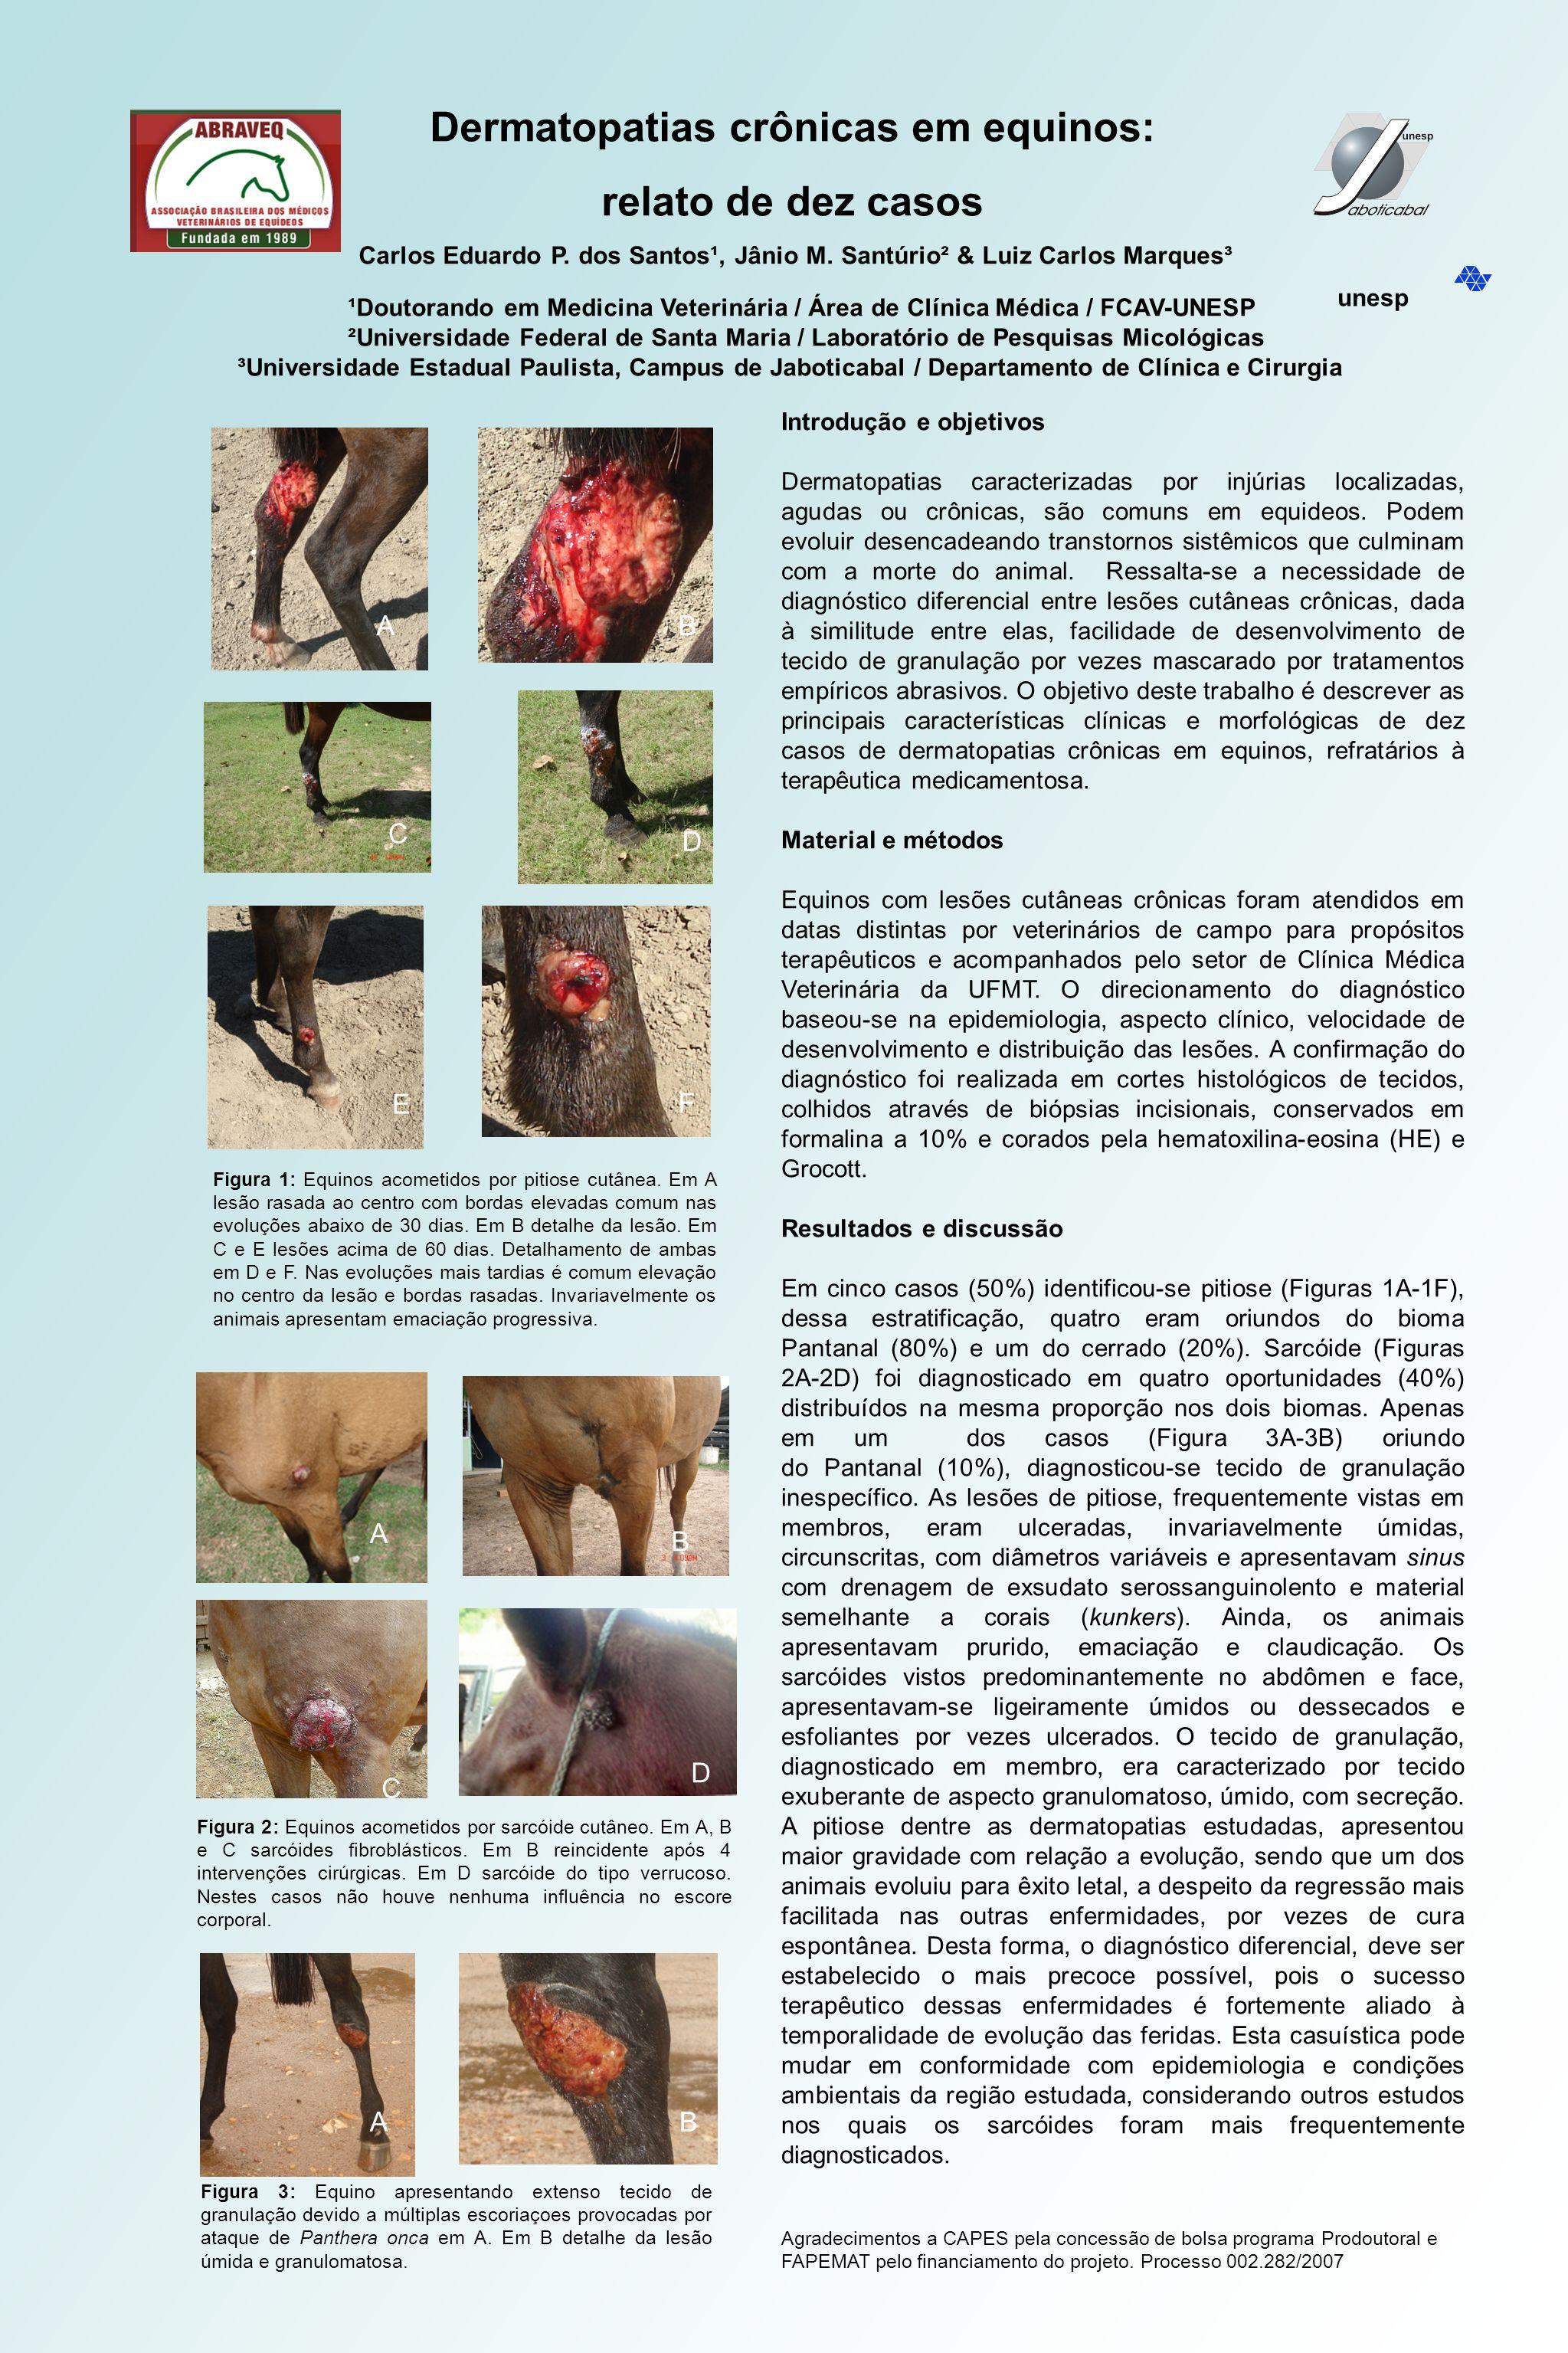 Dermatopatias crônicas em equinos: